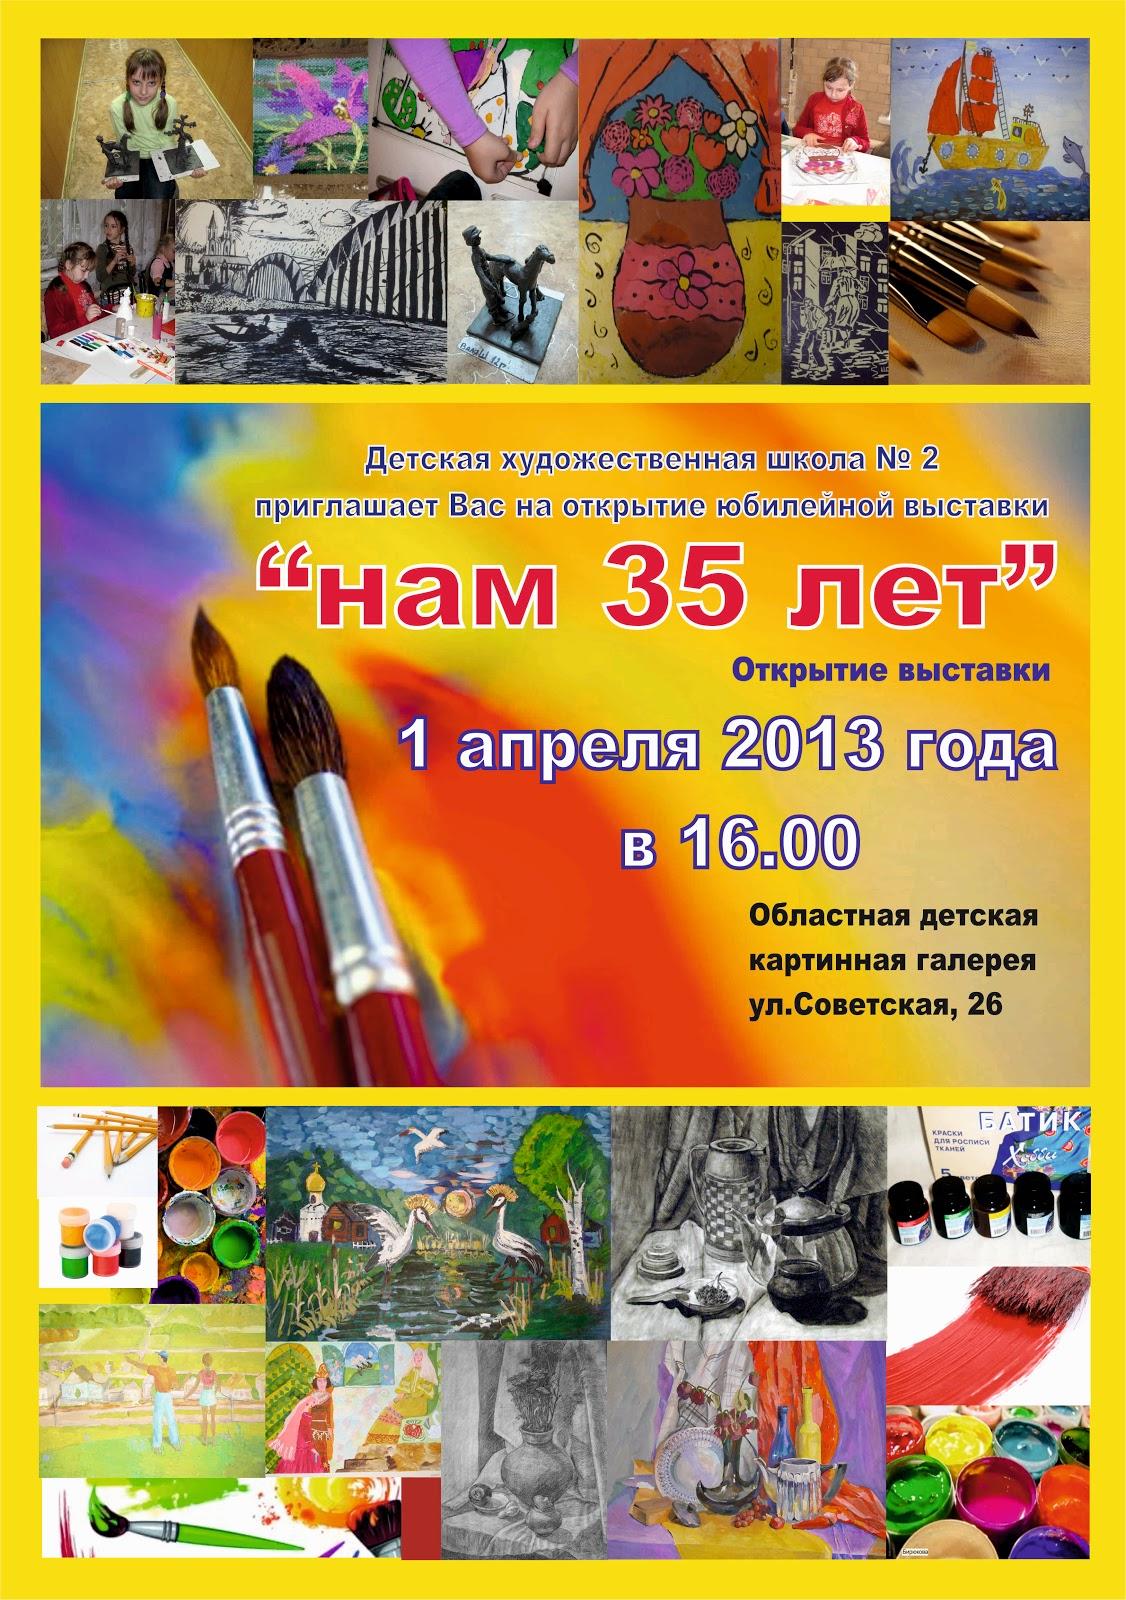 Сценарии юбилея художественной школы